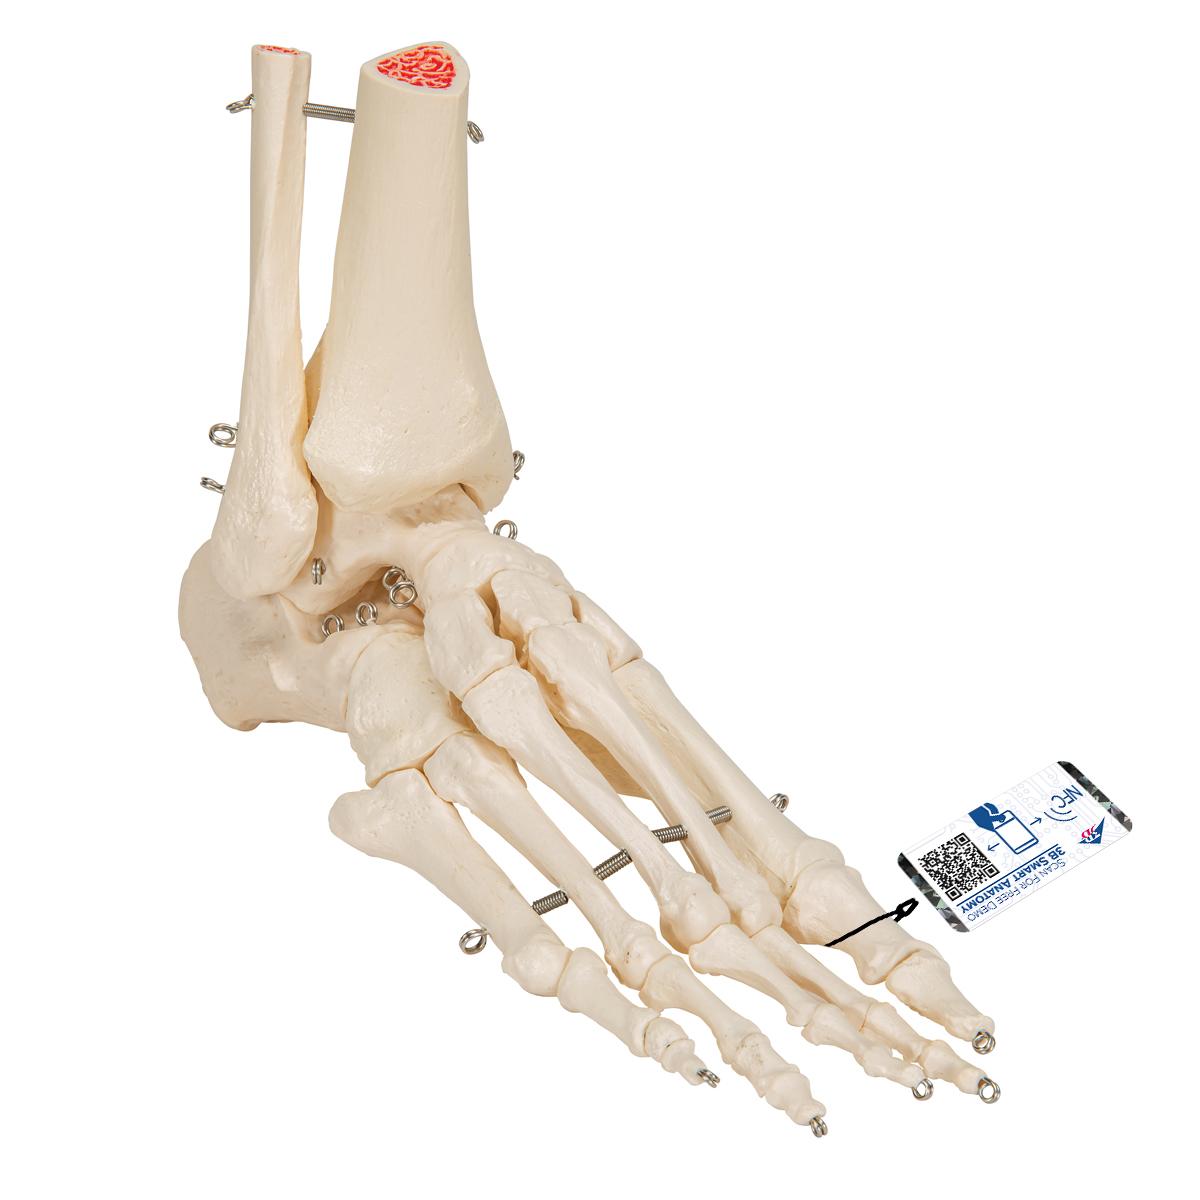 Fußskelett mit Schienbein- und Wadenbeinstumpf, auf Draht gezogen ...